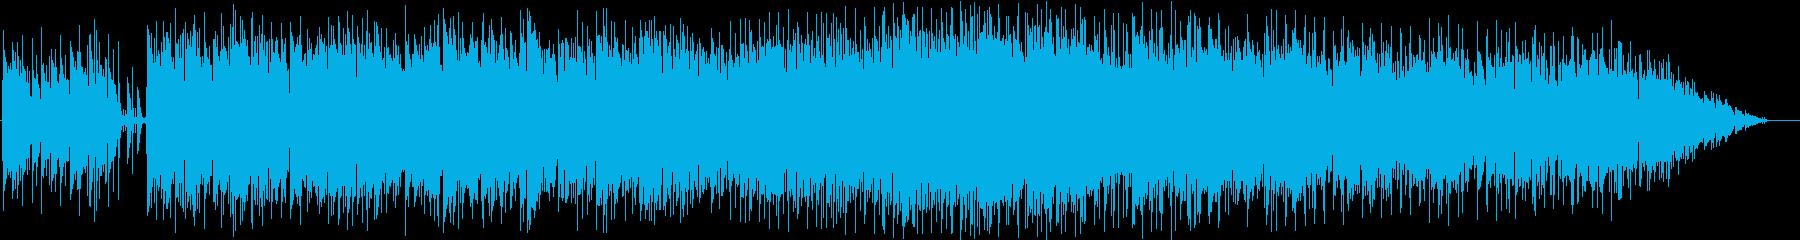 鍵盤ハーモニカがメロを吹くテクノポップの再生済みの波形